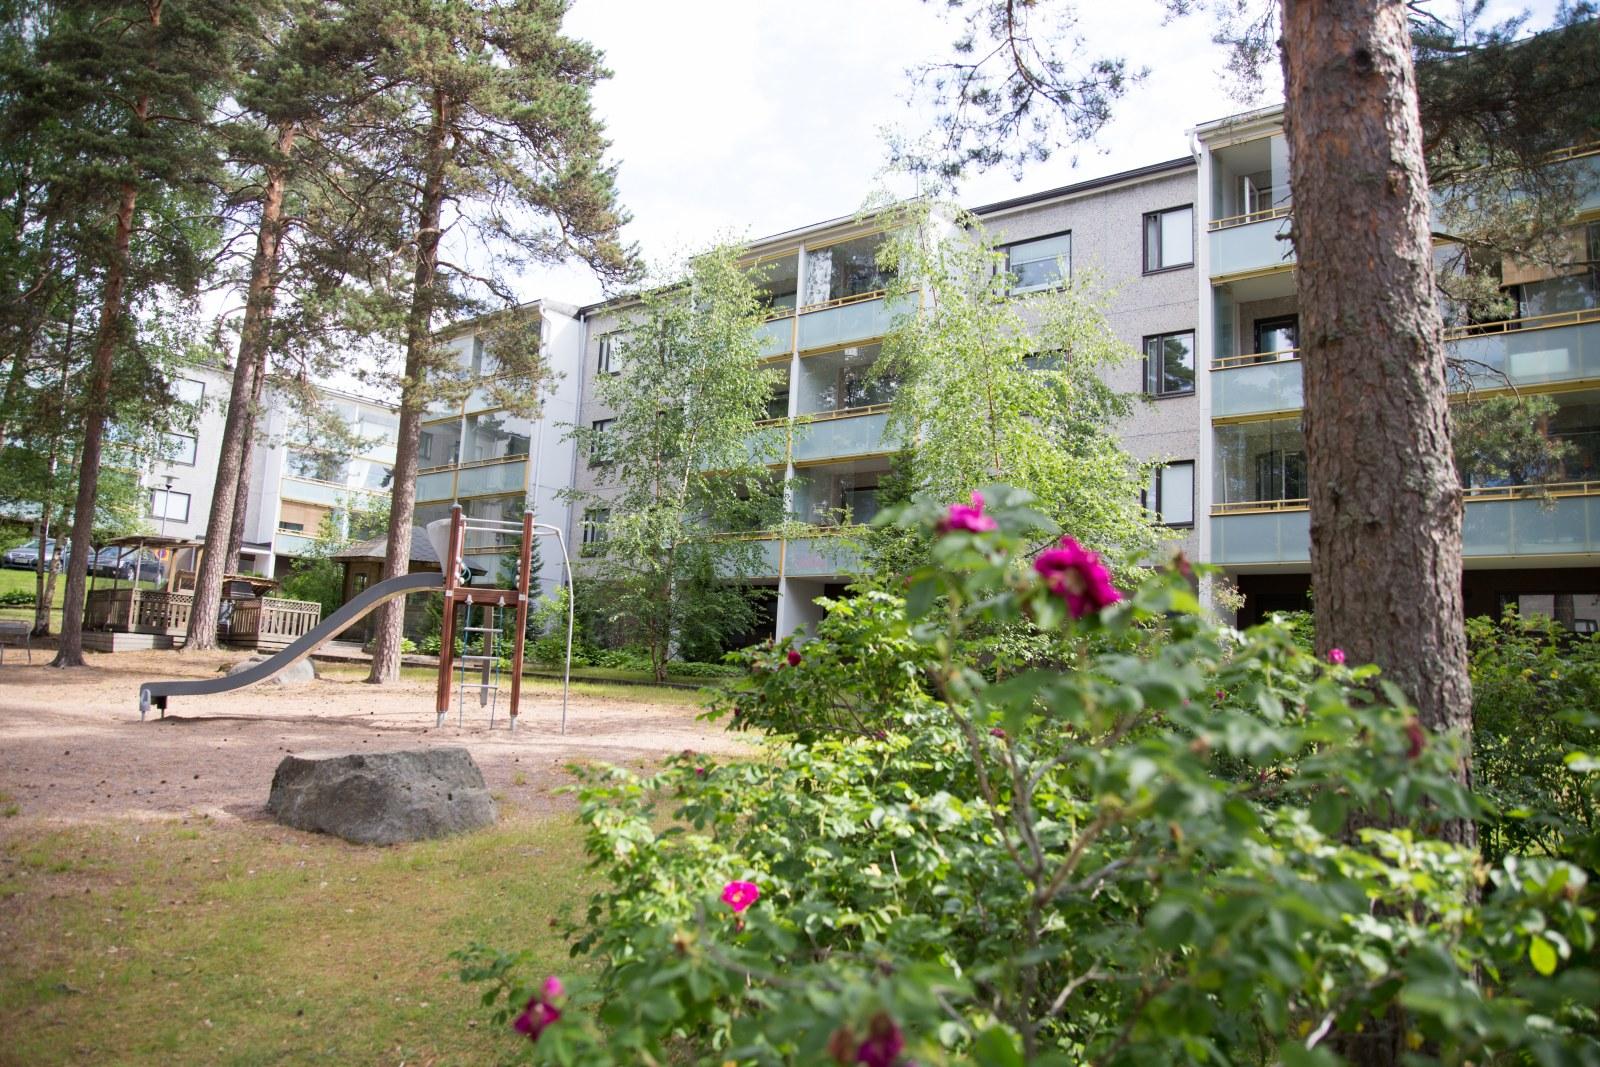 Kotkan Asunnot Äijänkatu 6 Kotka vuokrakodit